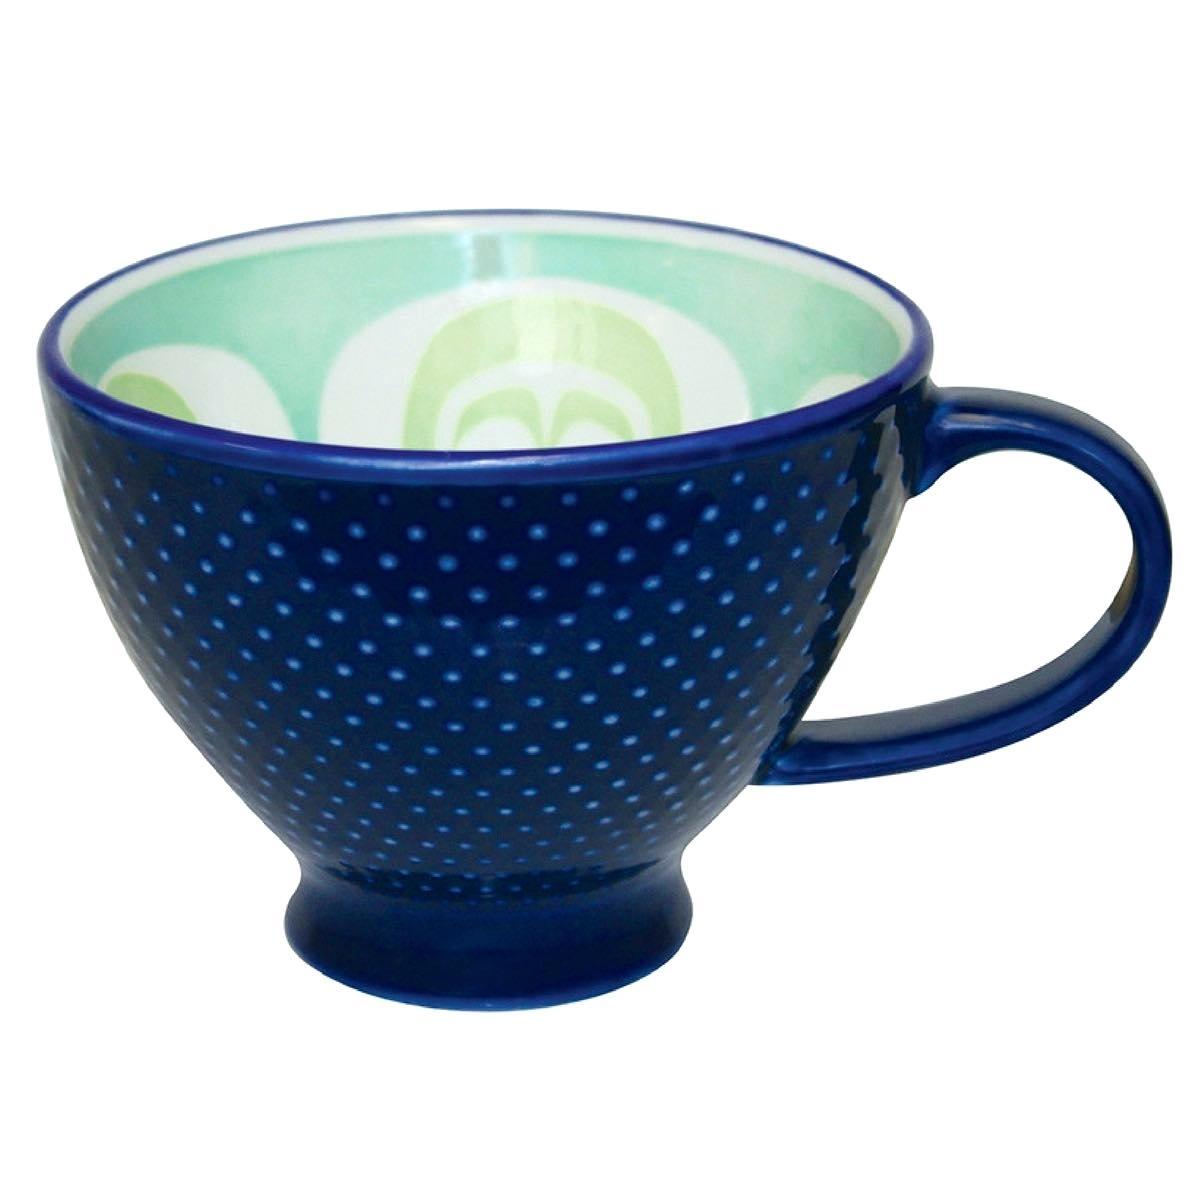 Tea Cup Art – Subrat (View 7 of 30)